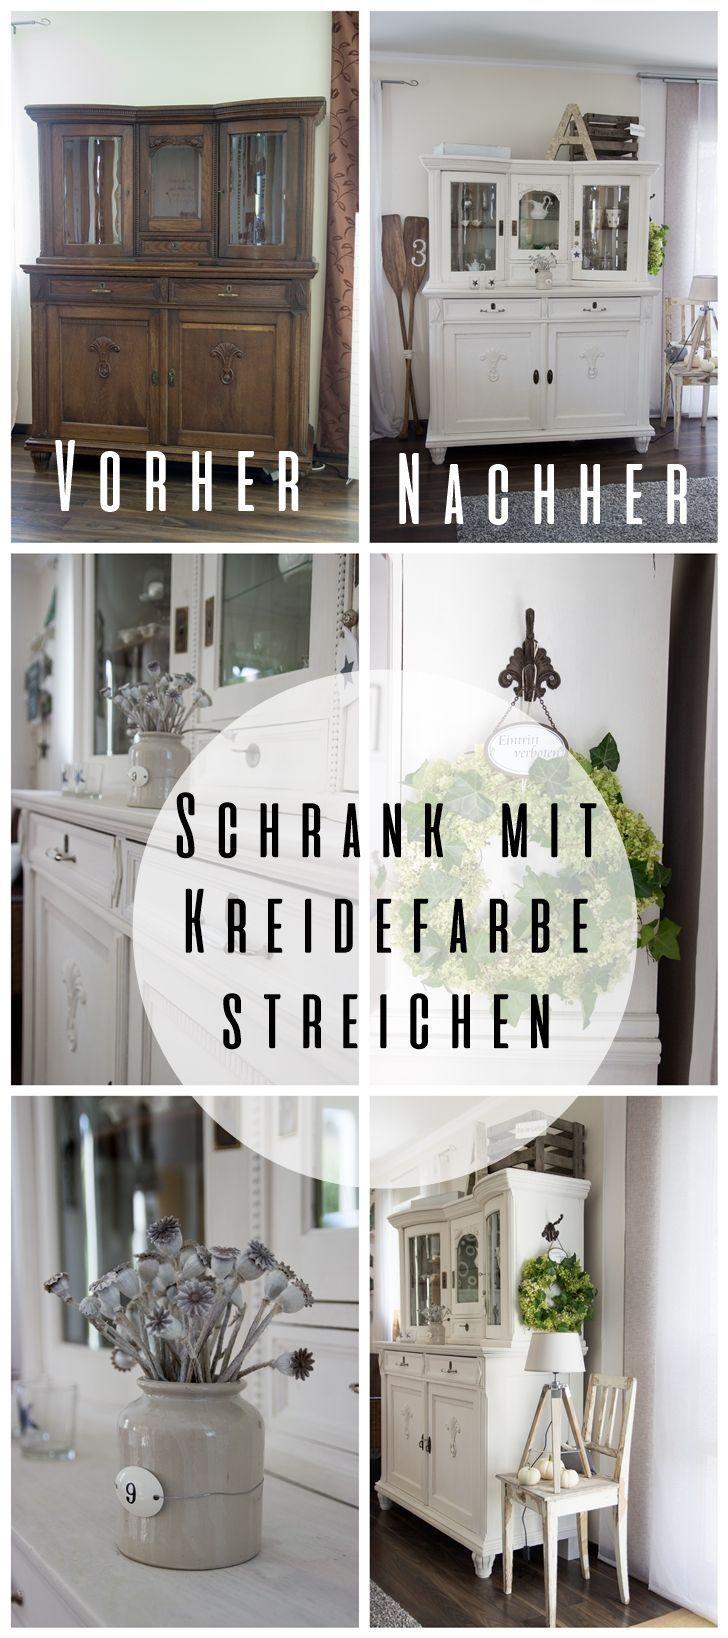 Wohnzimmer Schrank mit Kreidefarbe gestrichen | Möbel restaurieren ...